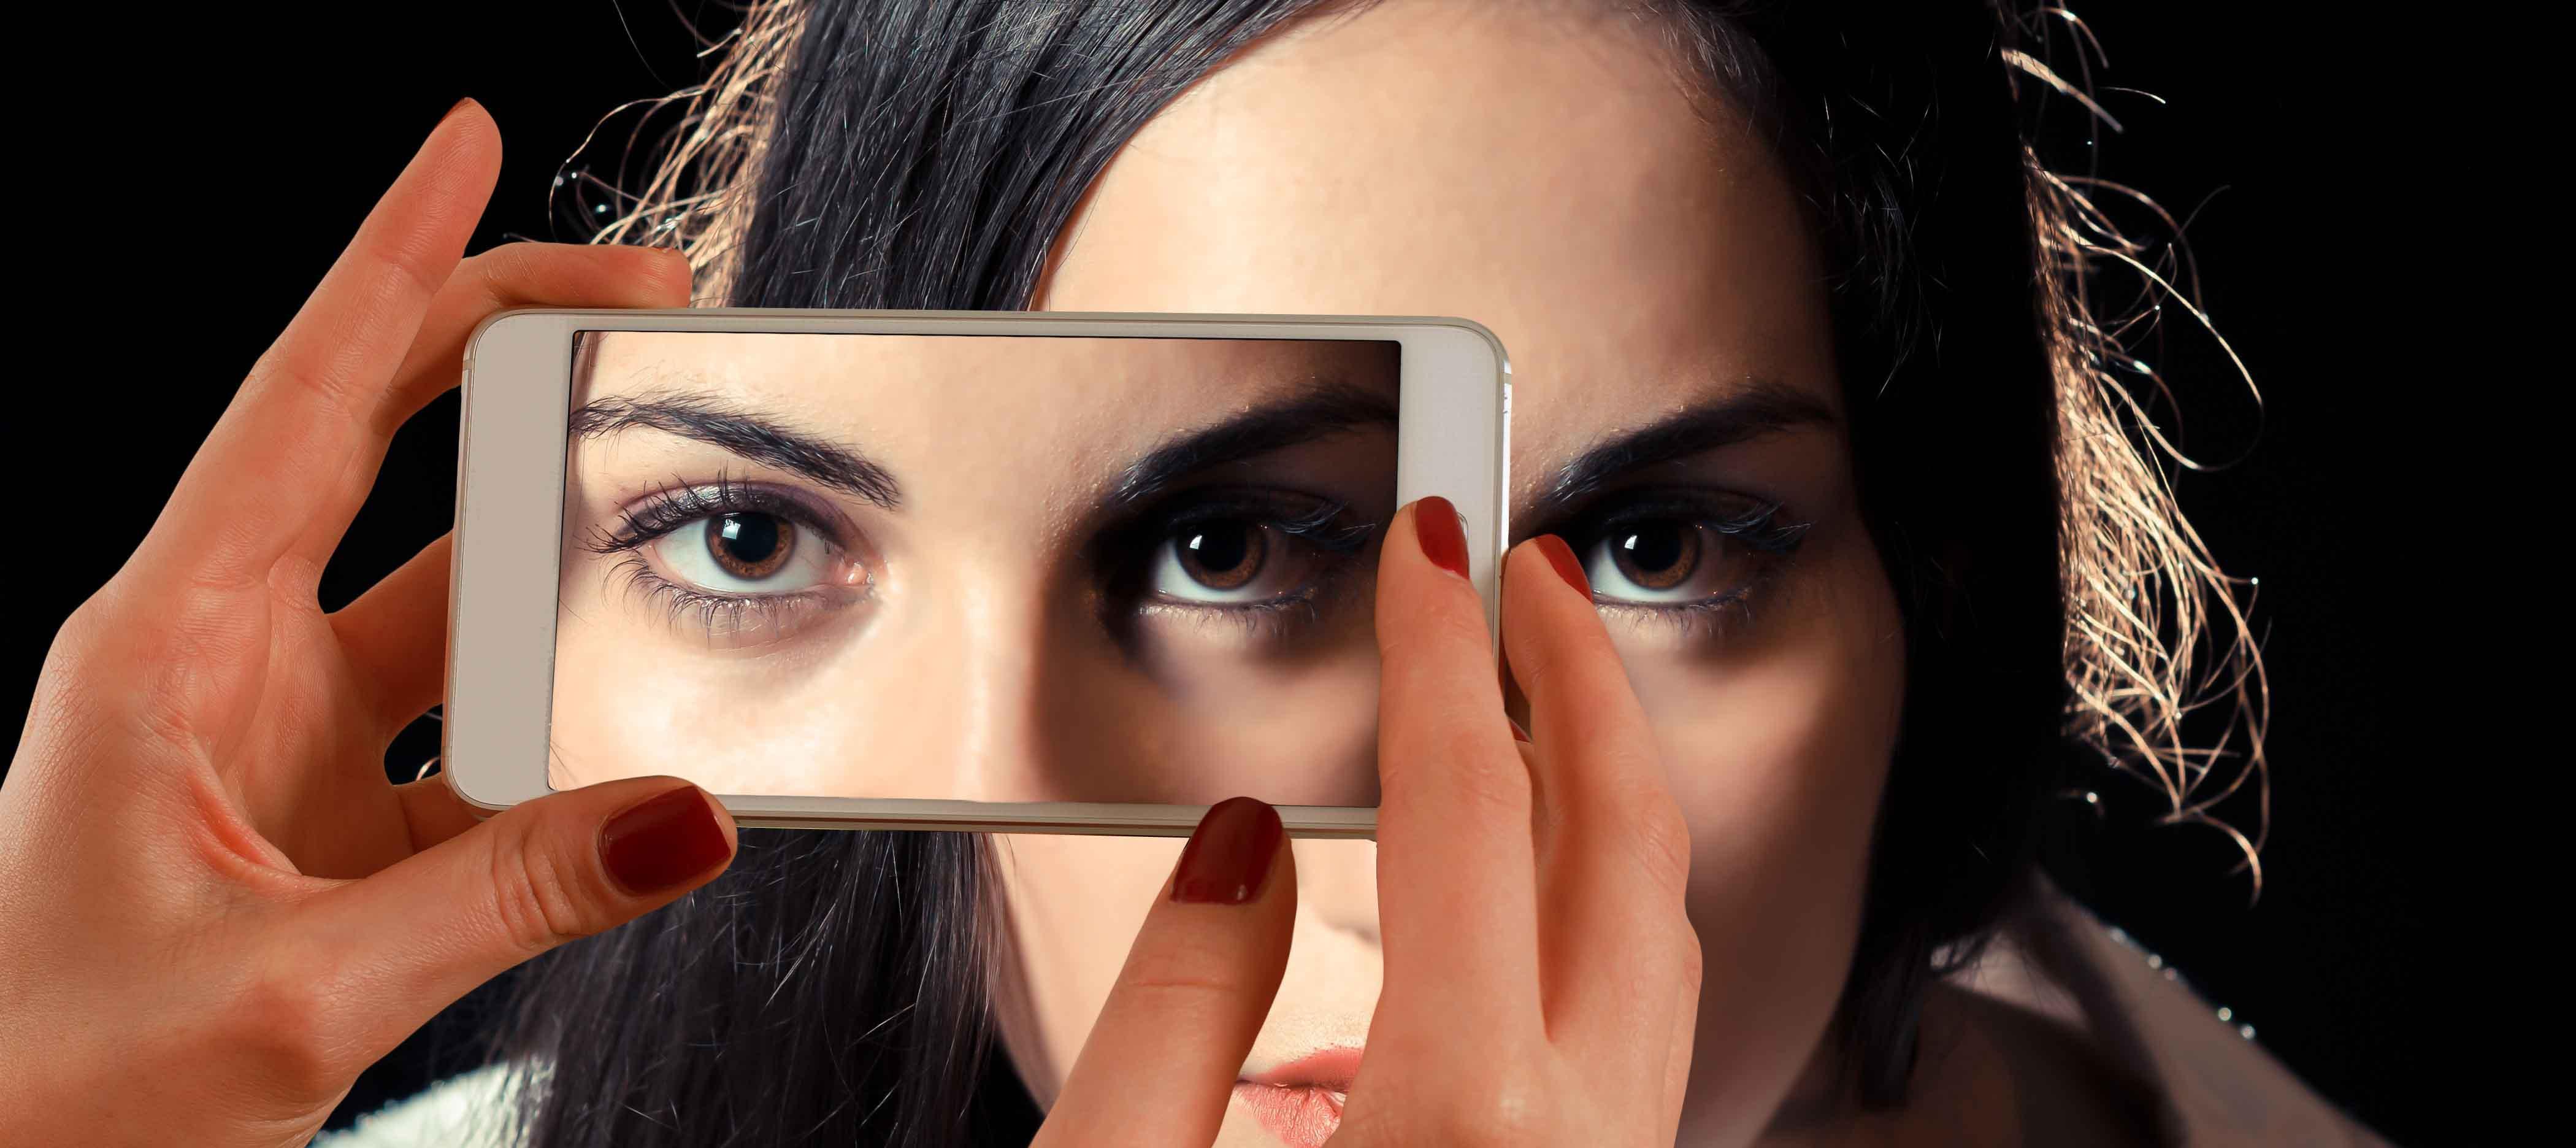 Imagen simbólica de chica a la que le están tomando una foto de la mirada con un móvil